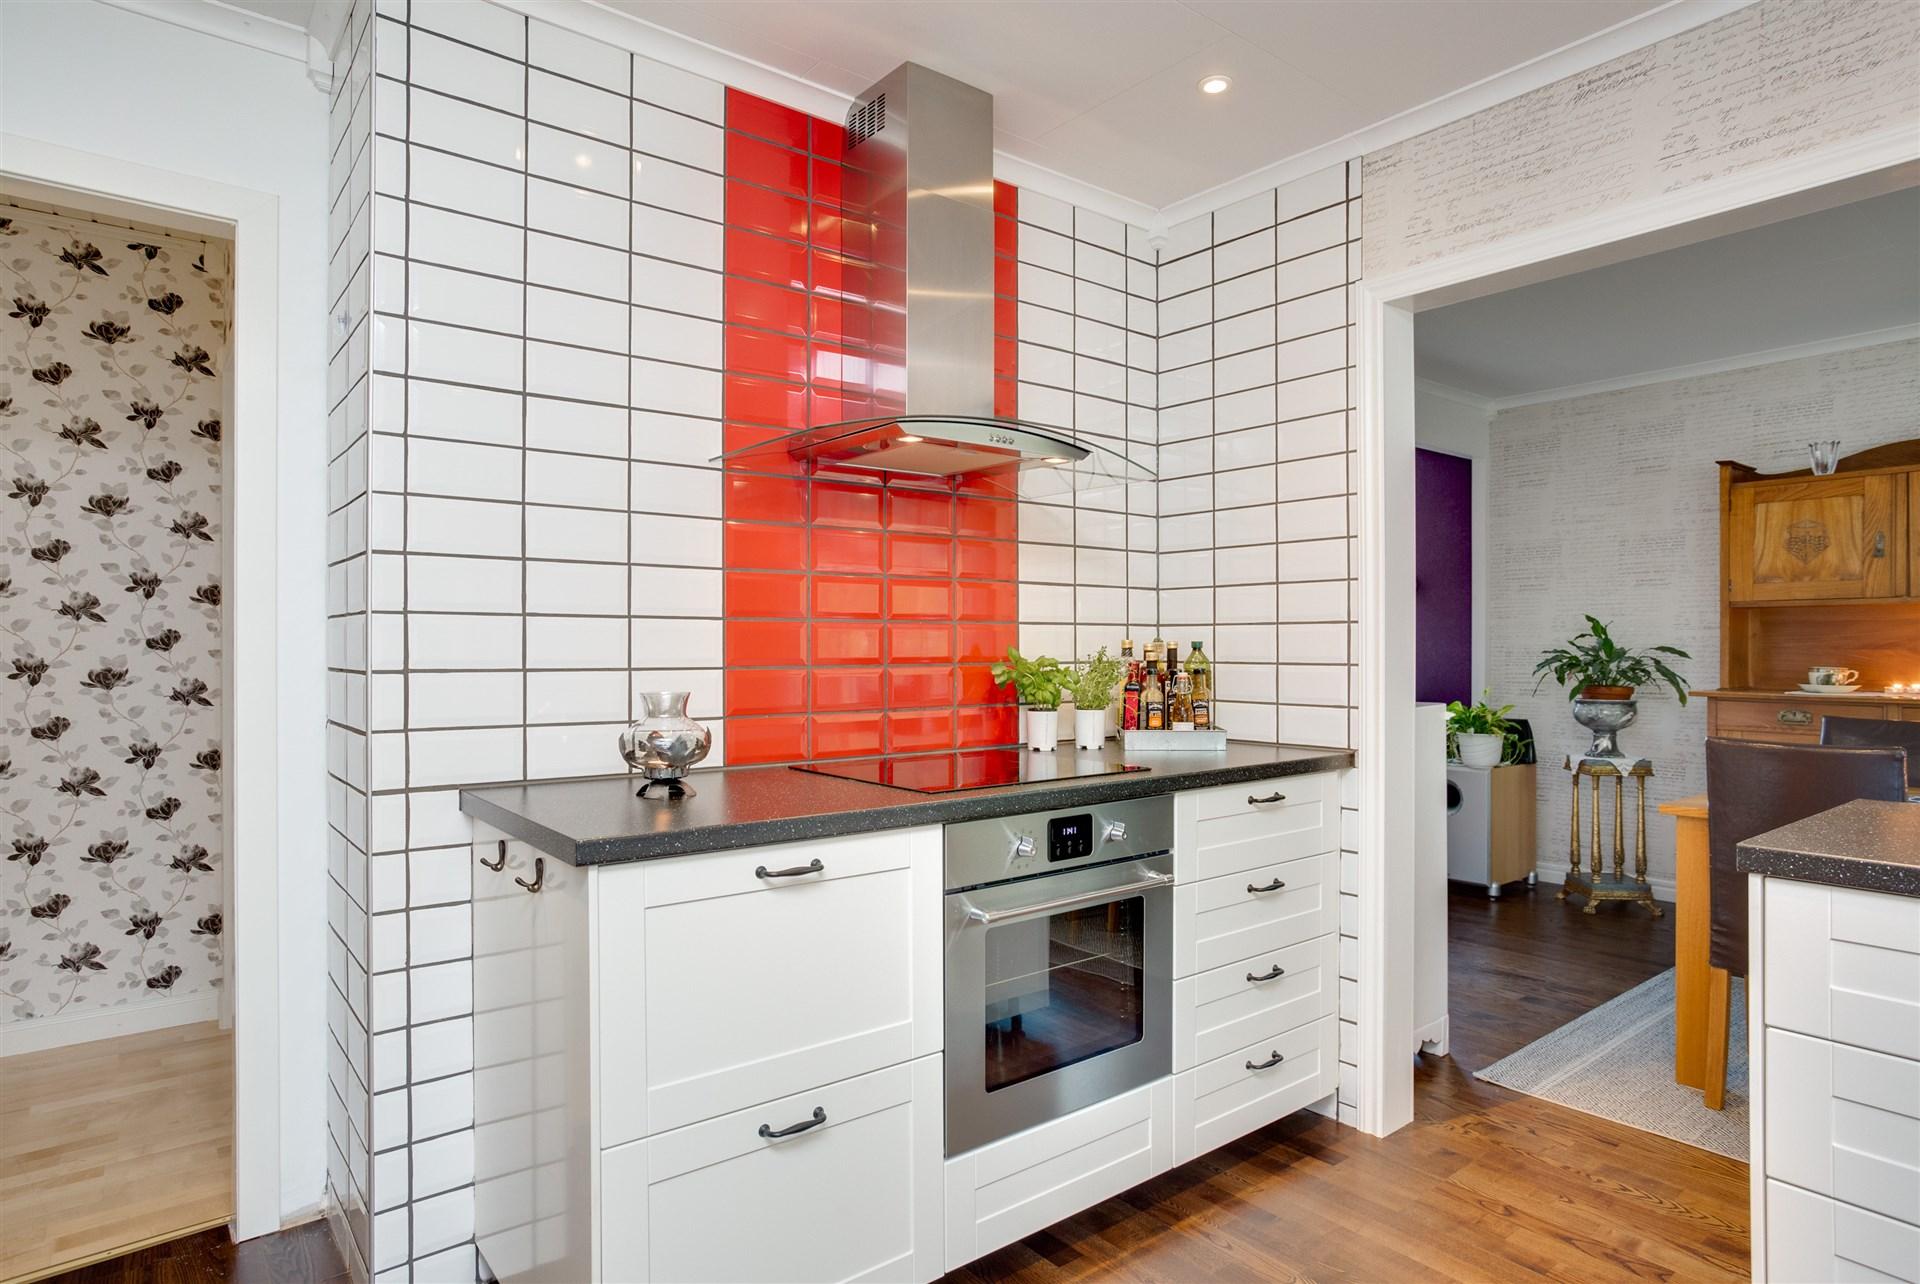 Färgdetaljer bakom köksfläkt och vid arbetsbänk.